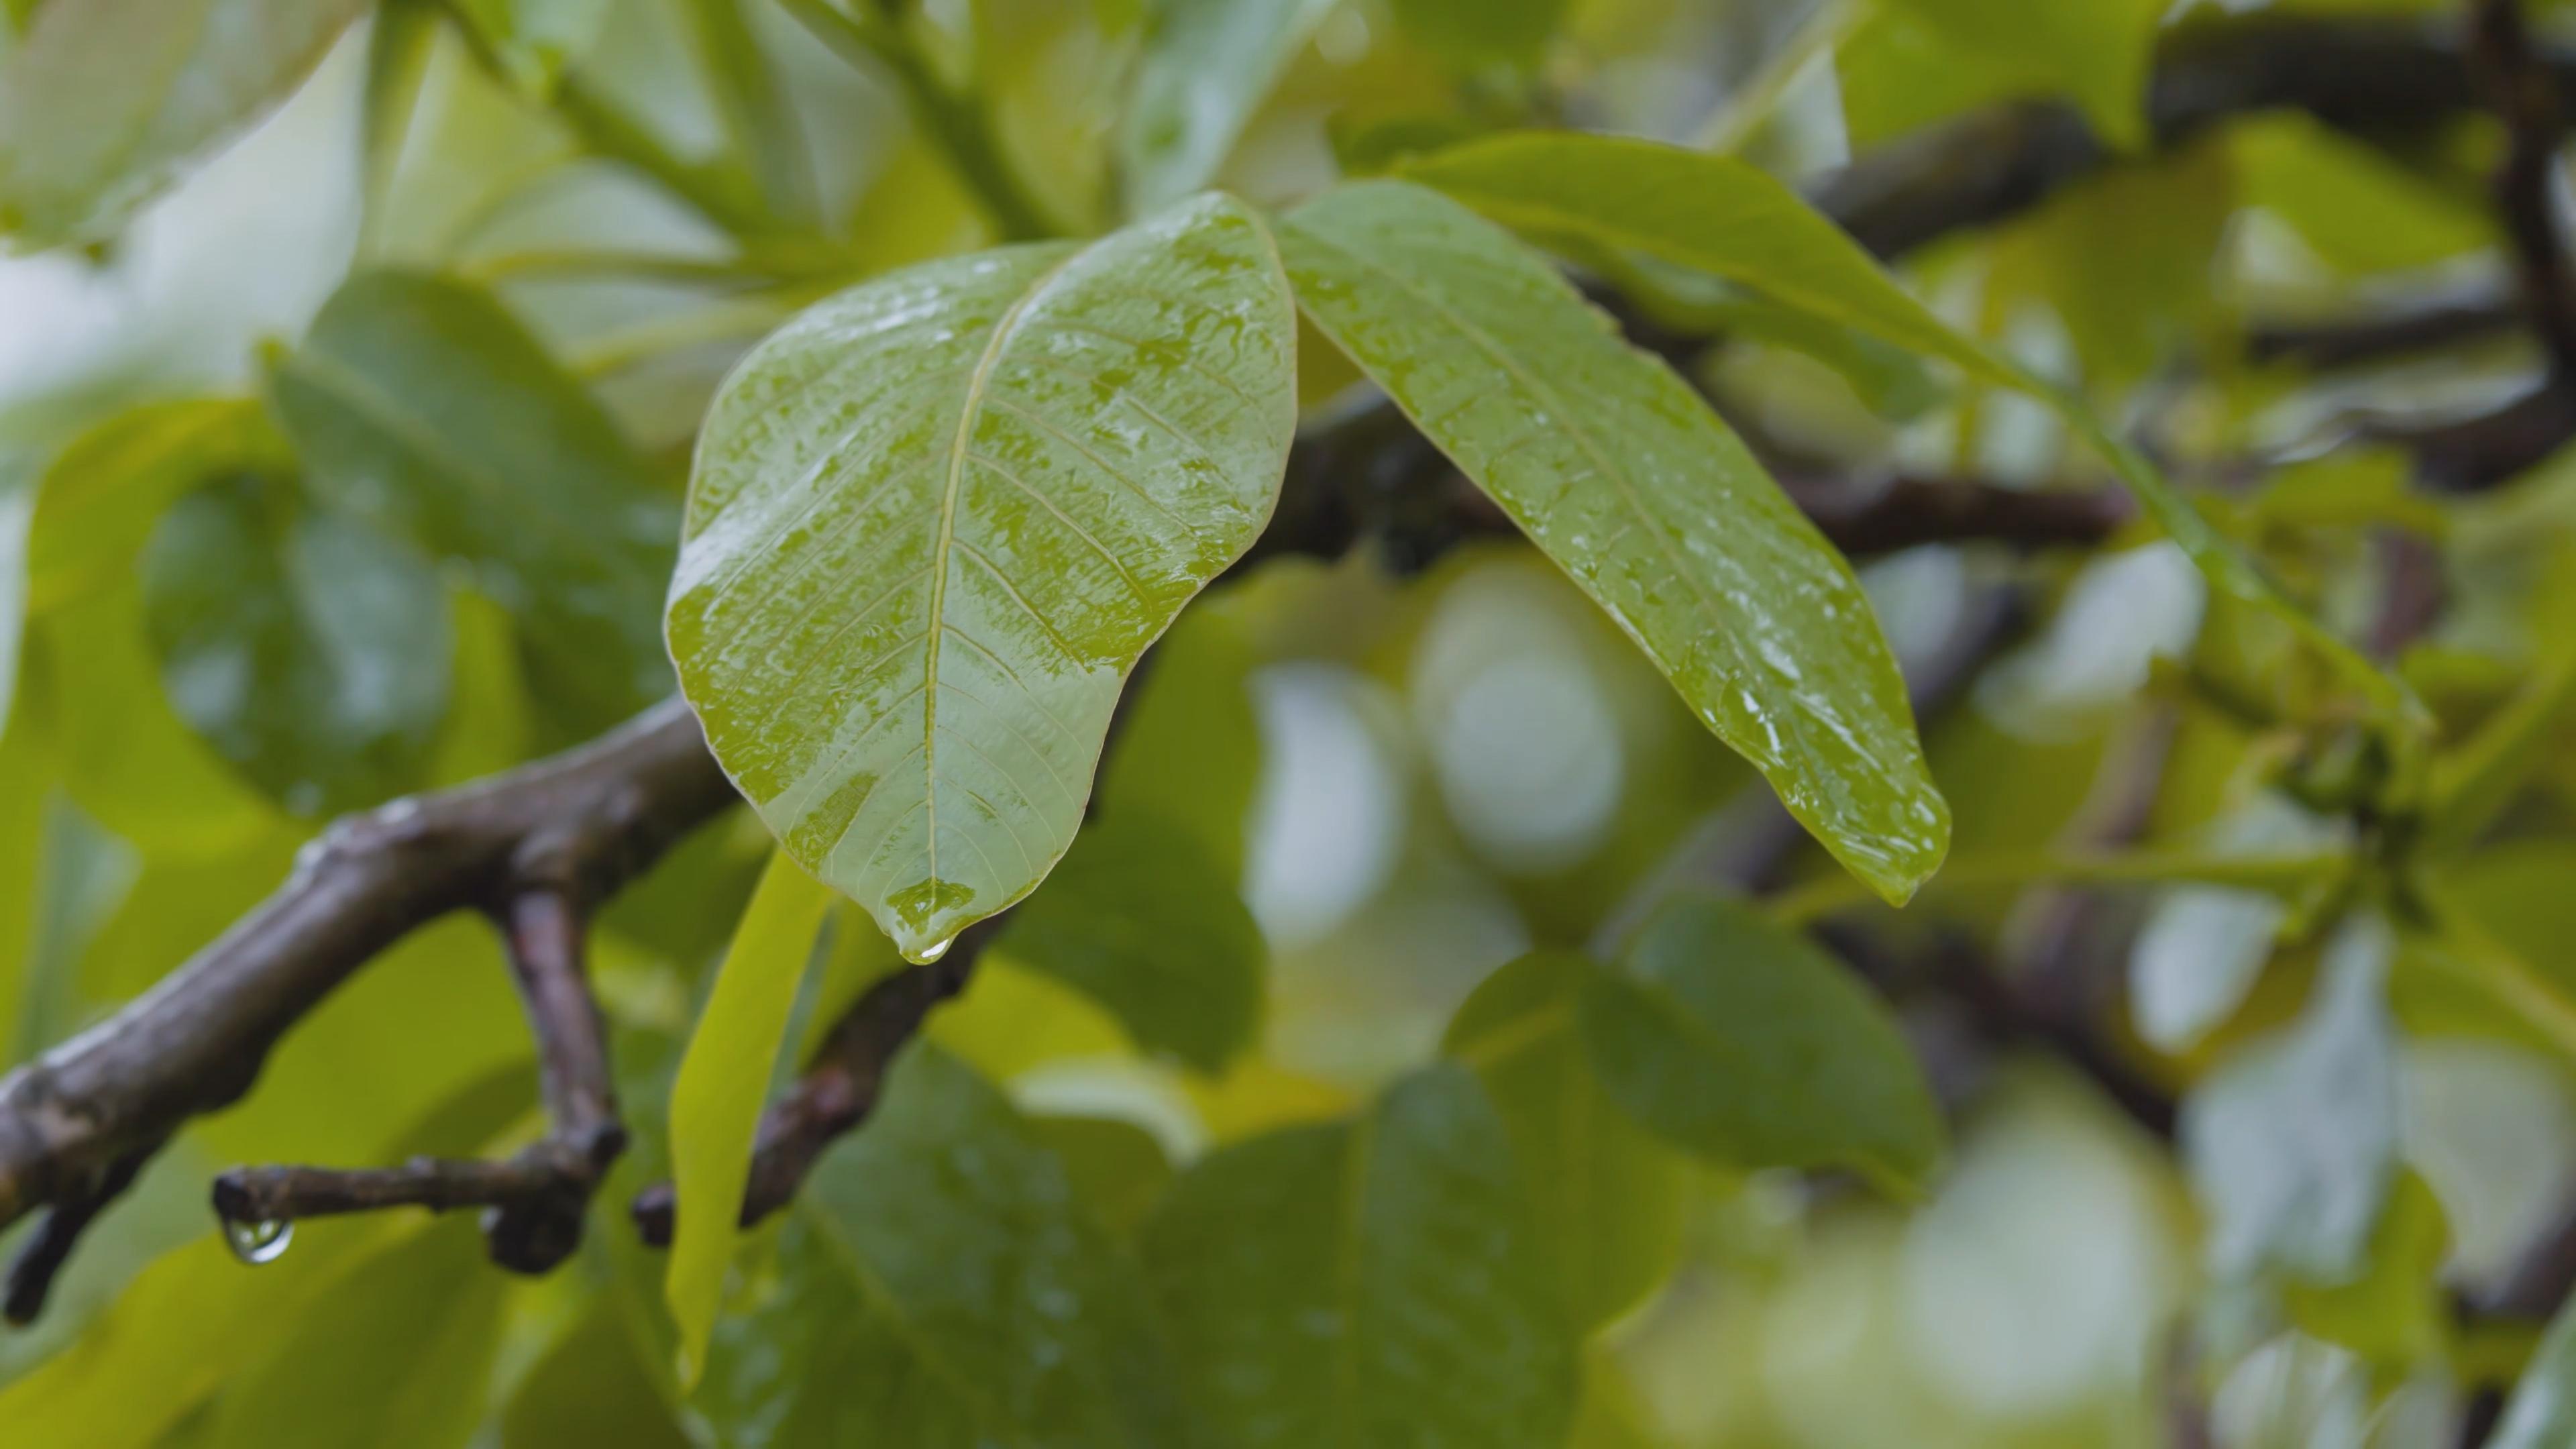 树叶 雨 4K 自然声  水滴 微观摄影  水珠 下雨 自然美景